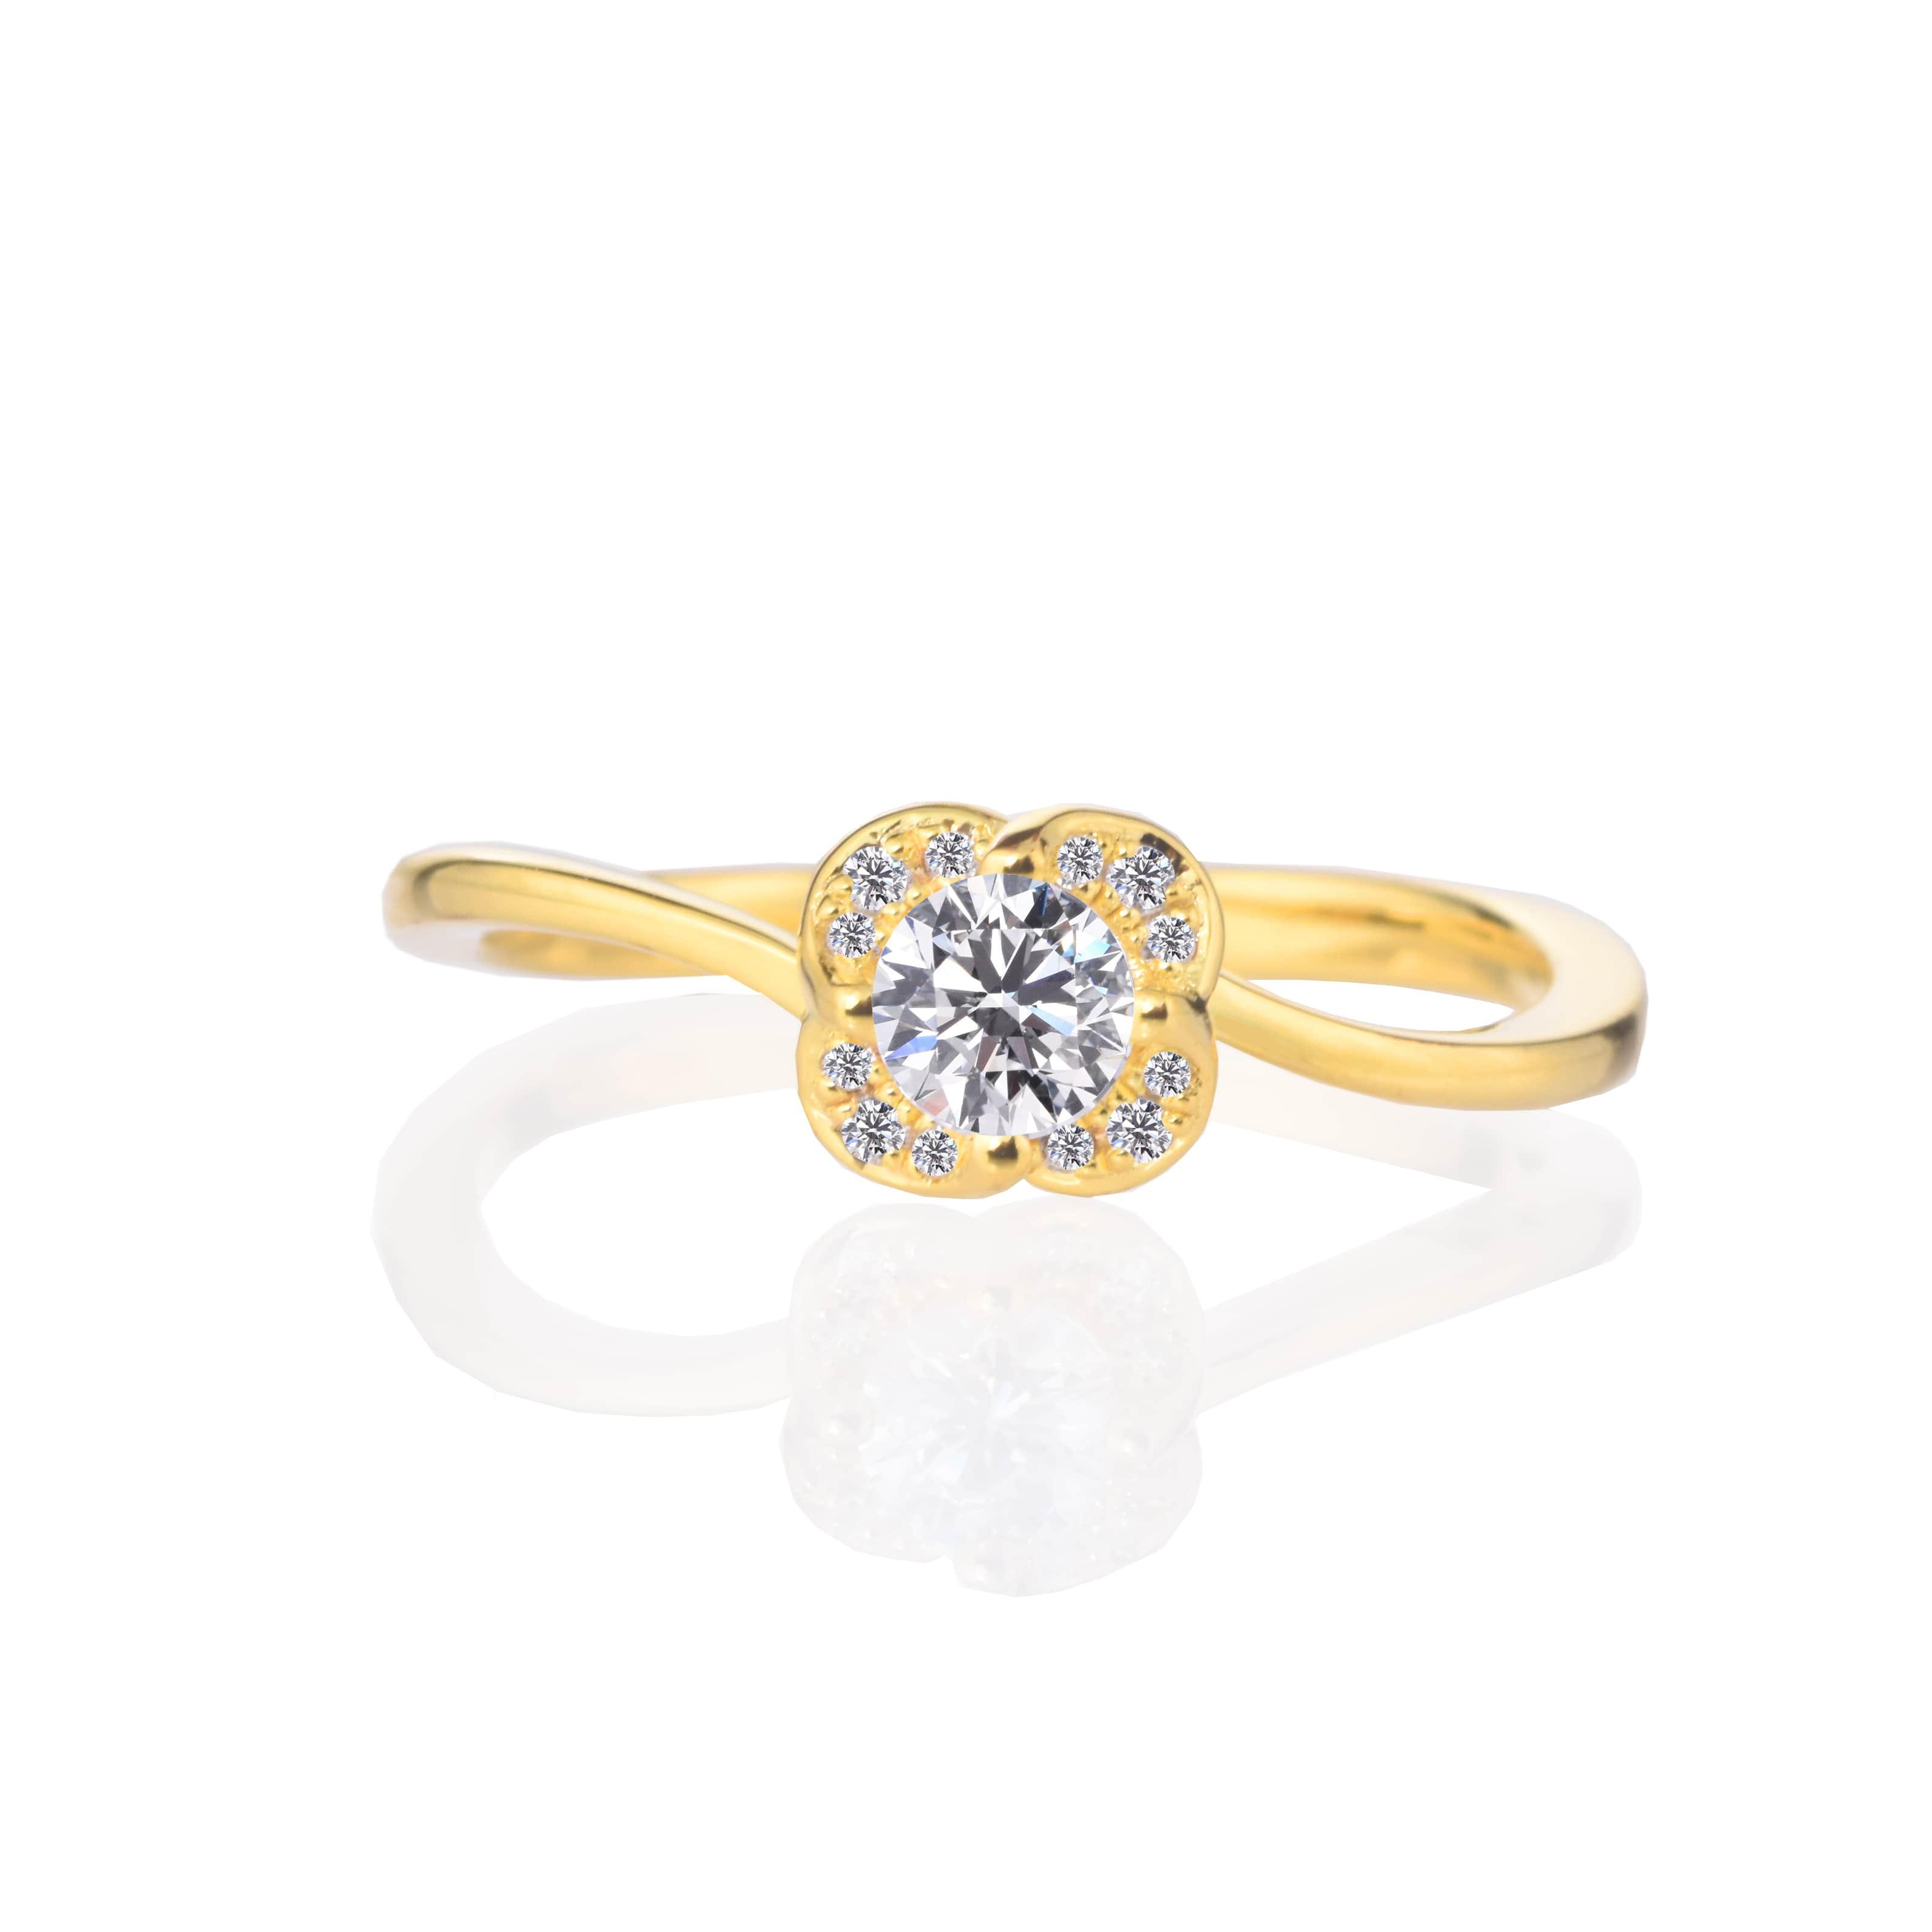 【プロポーズ用】【 0.20ct D SI2 EX】エンゲージリング 婚約指輪【RG210】